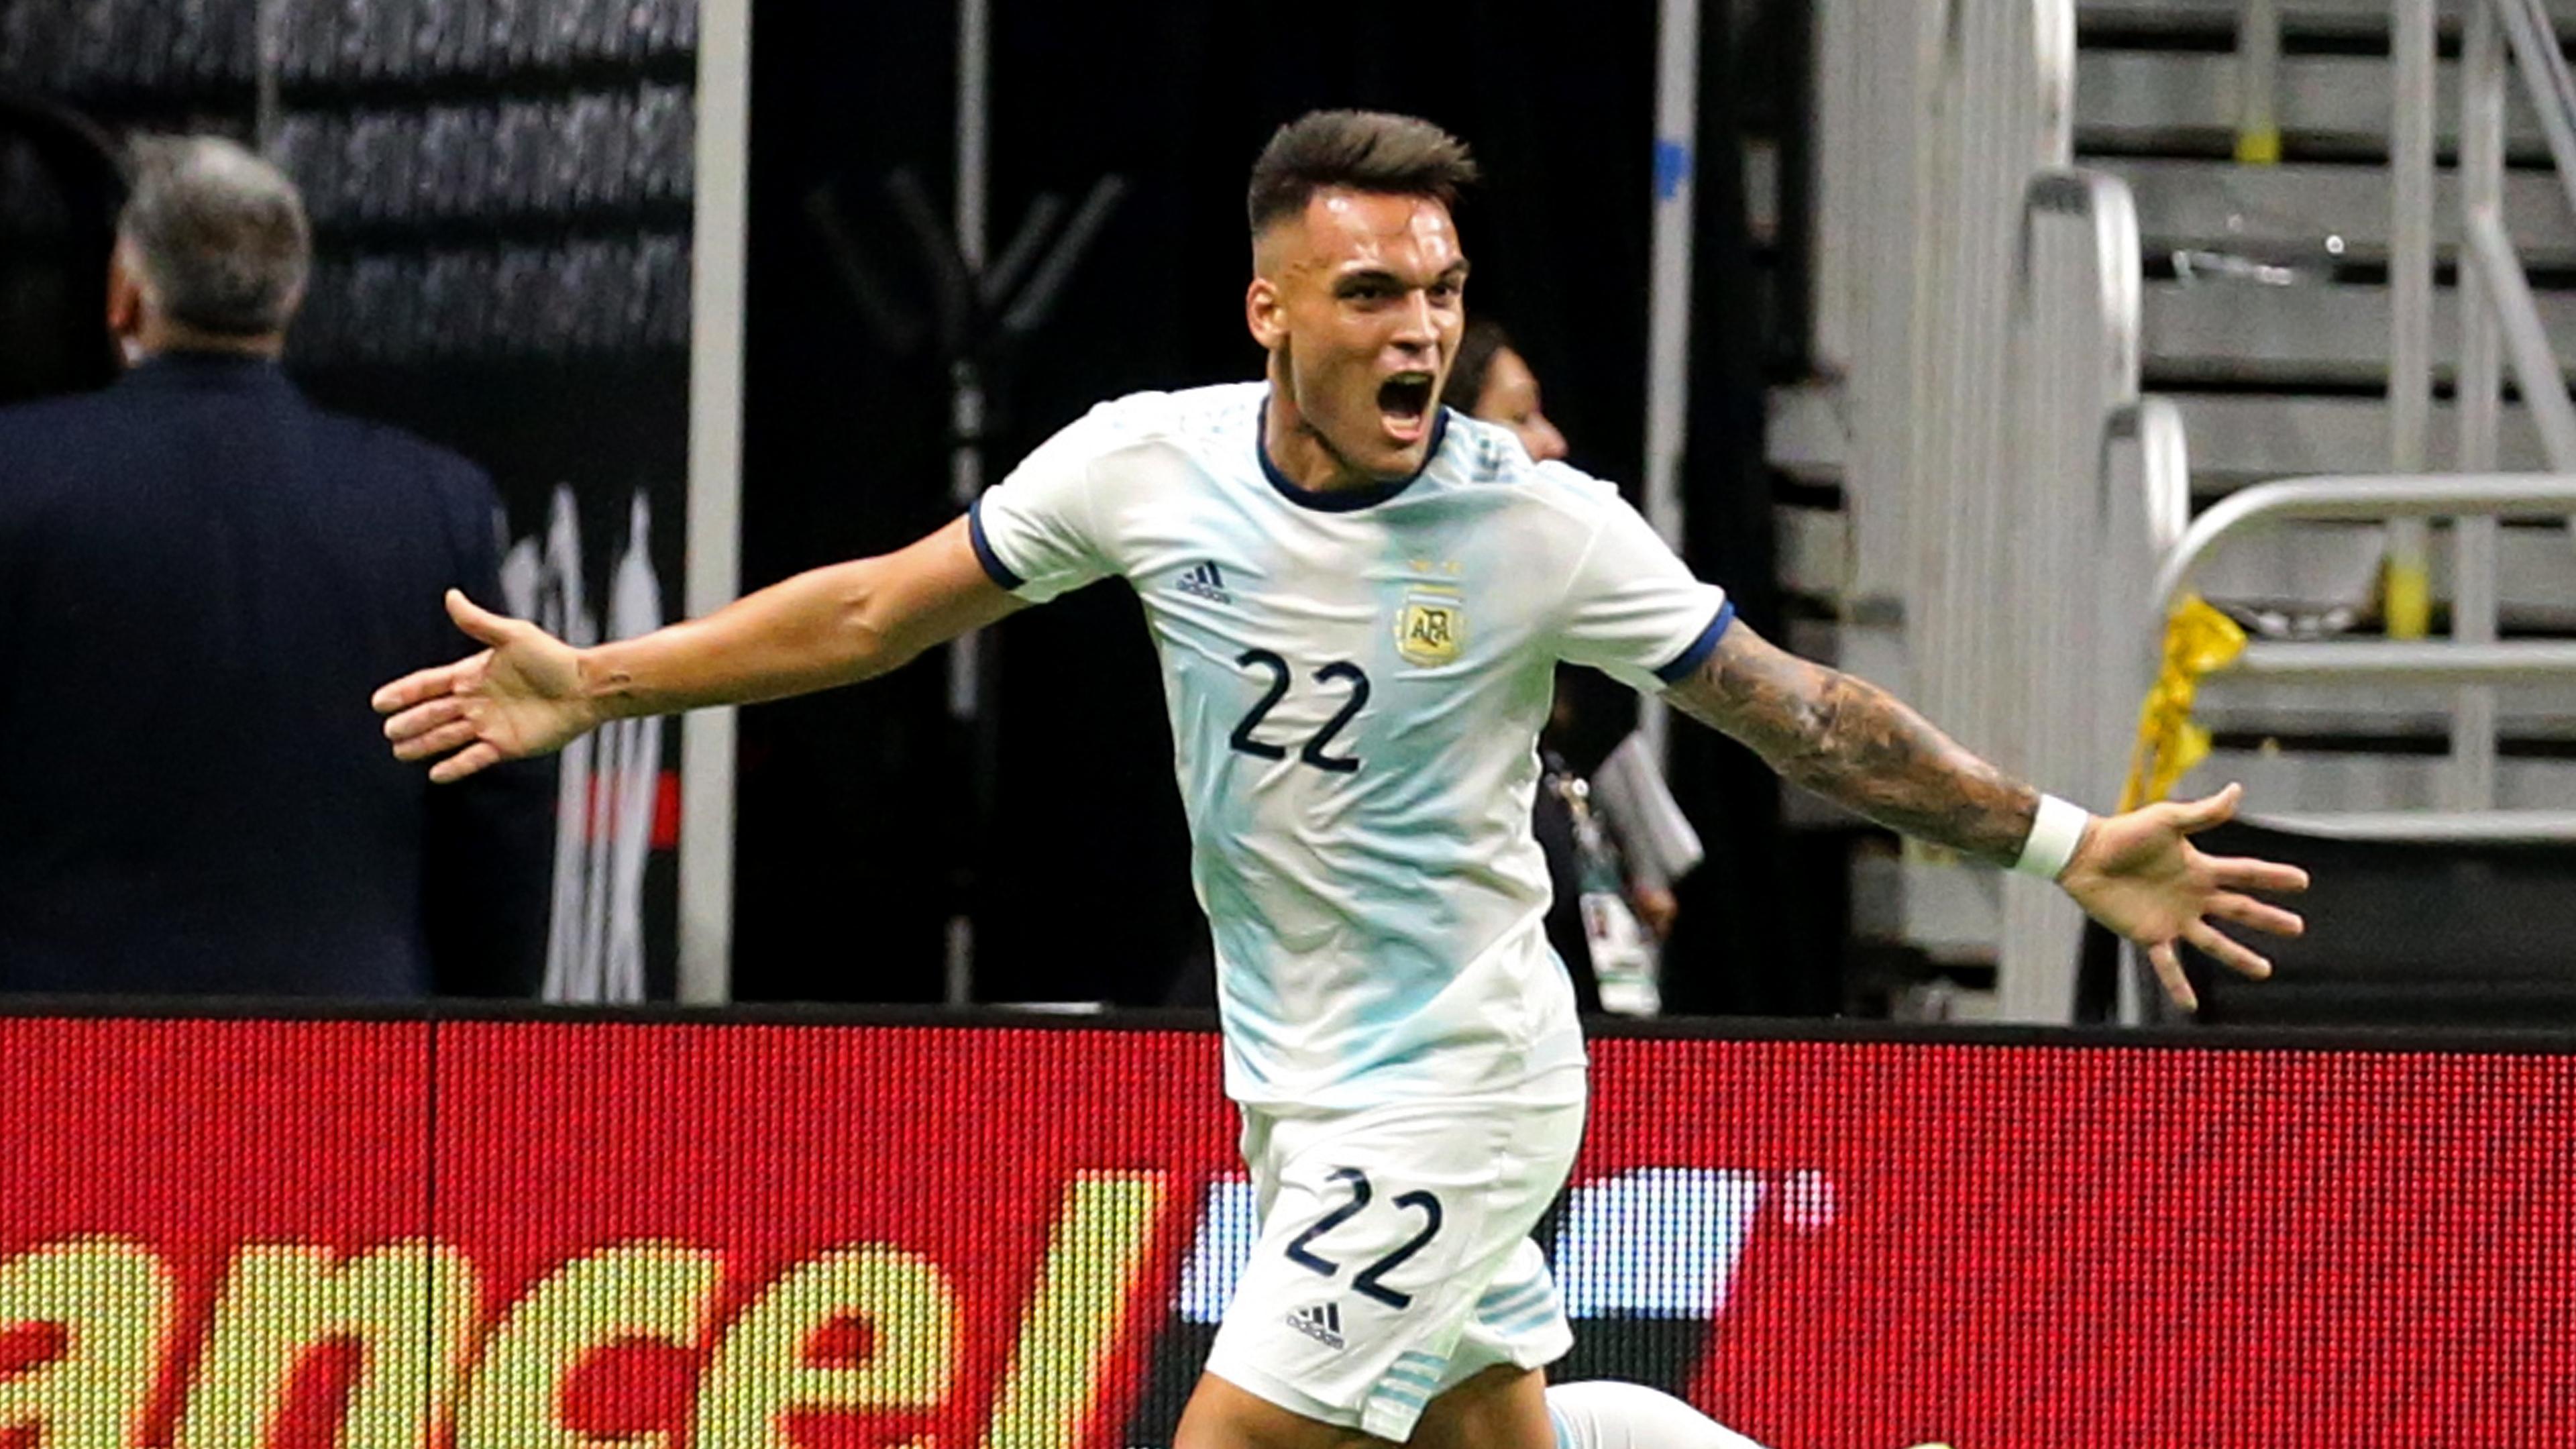 Hasil gambar untuk martinez argentina national team